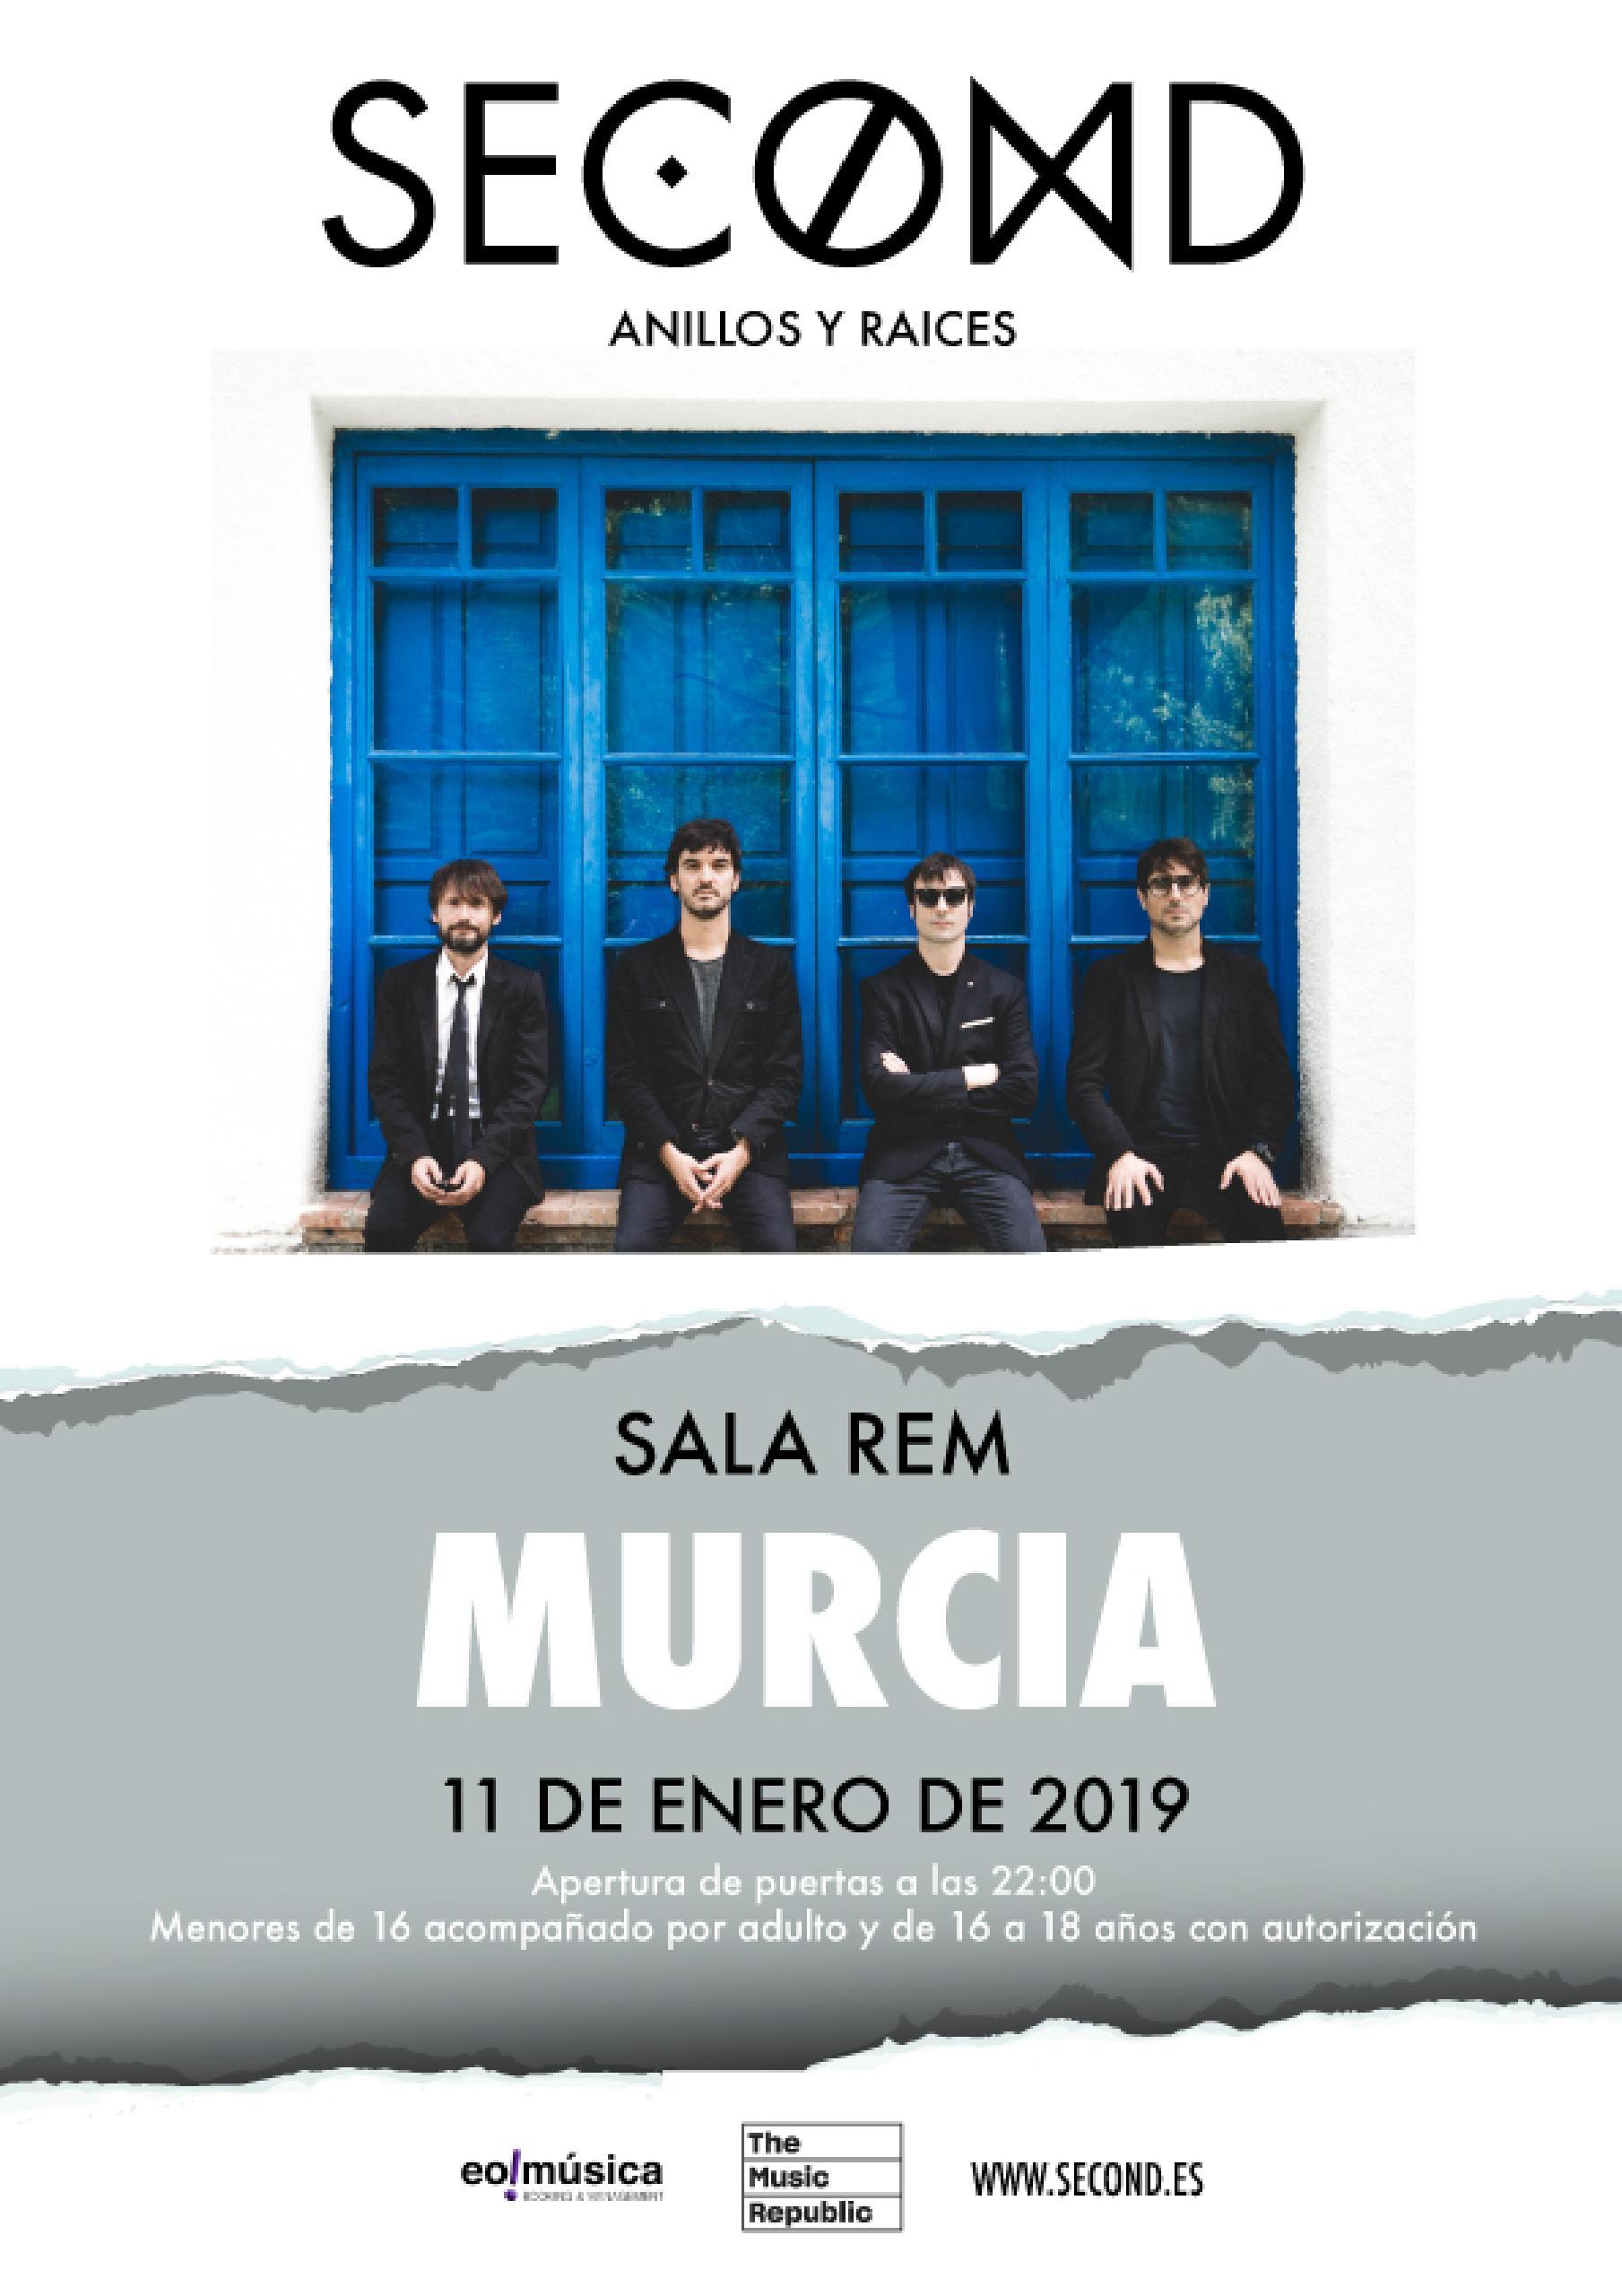 Concierto Second en Murcia